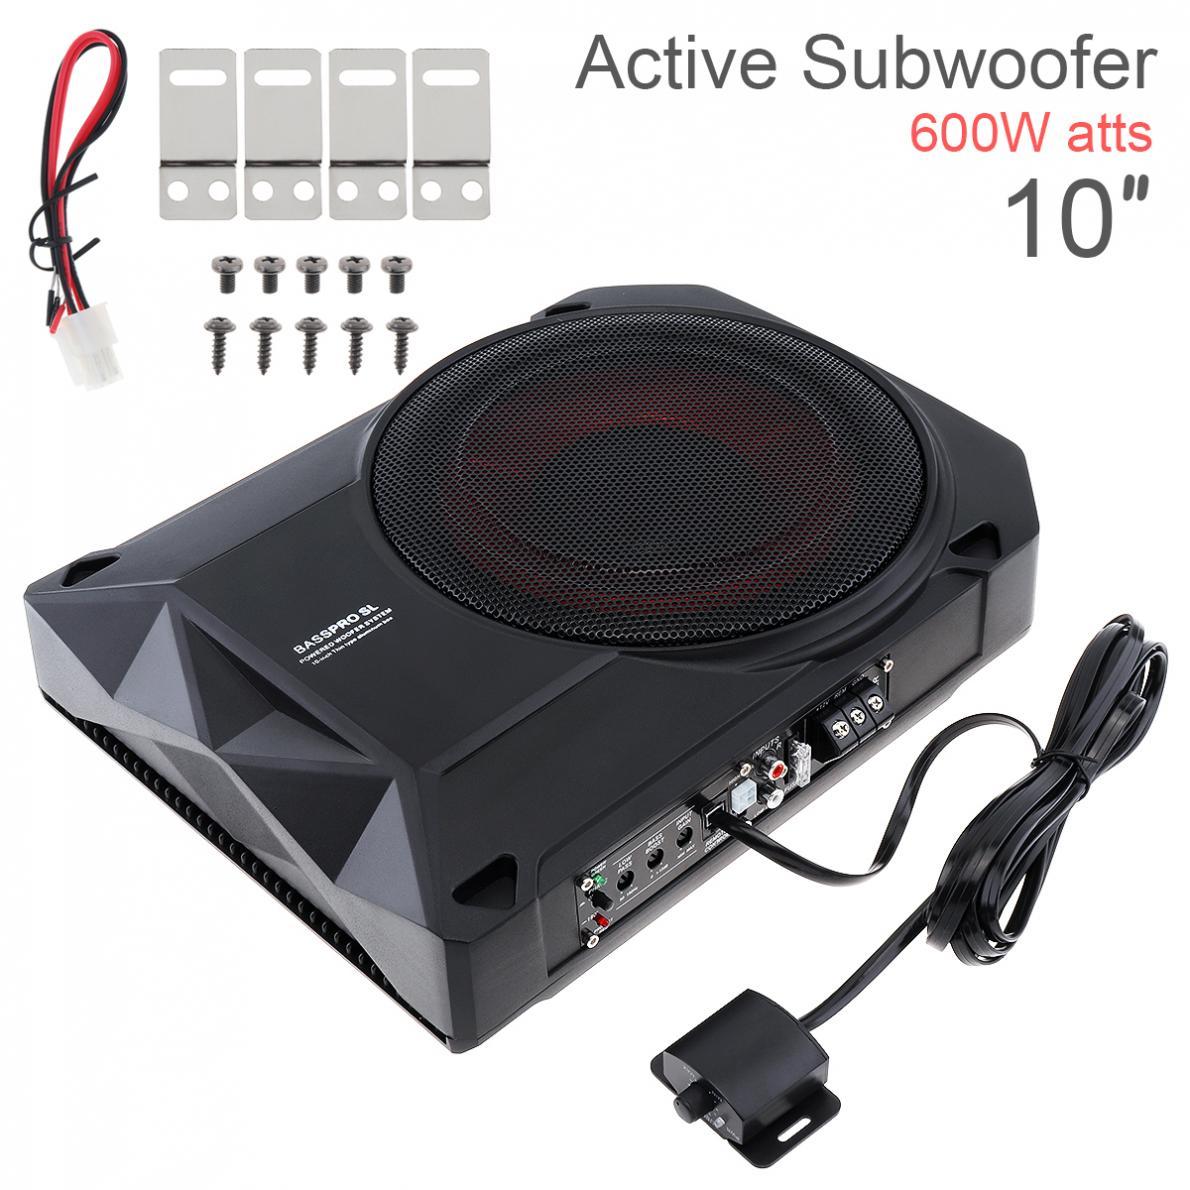 Noir universel 10 pouces 12V 600W Fuselage mince sous siège voiture Subwoofer actif amplificateur de basse haut-parleur